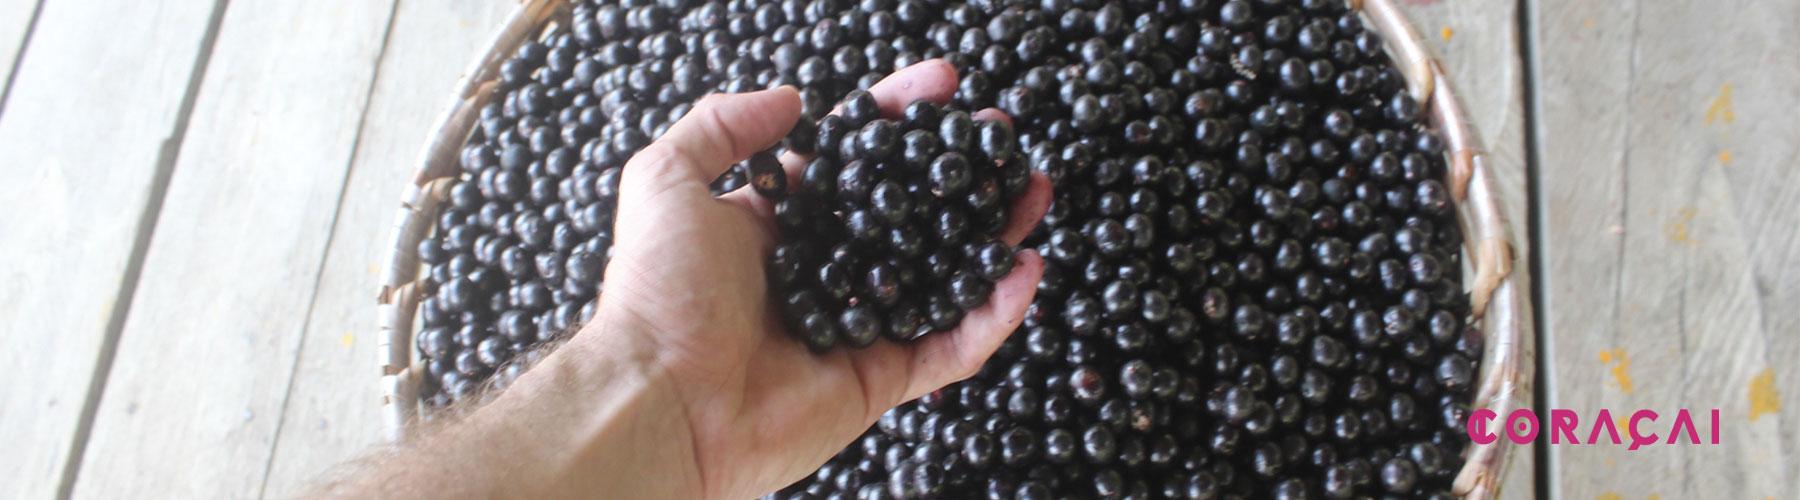 açai fruta orgánica